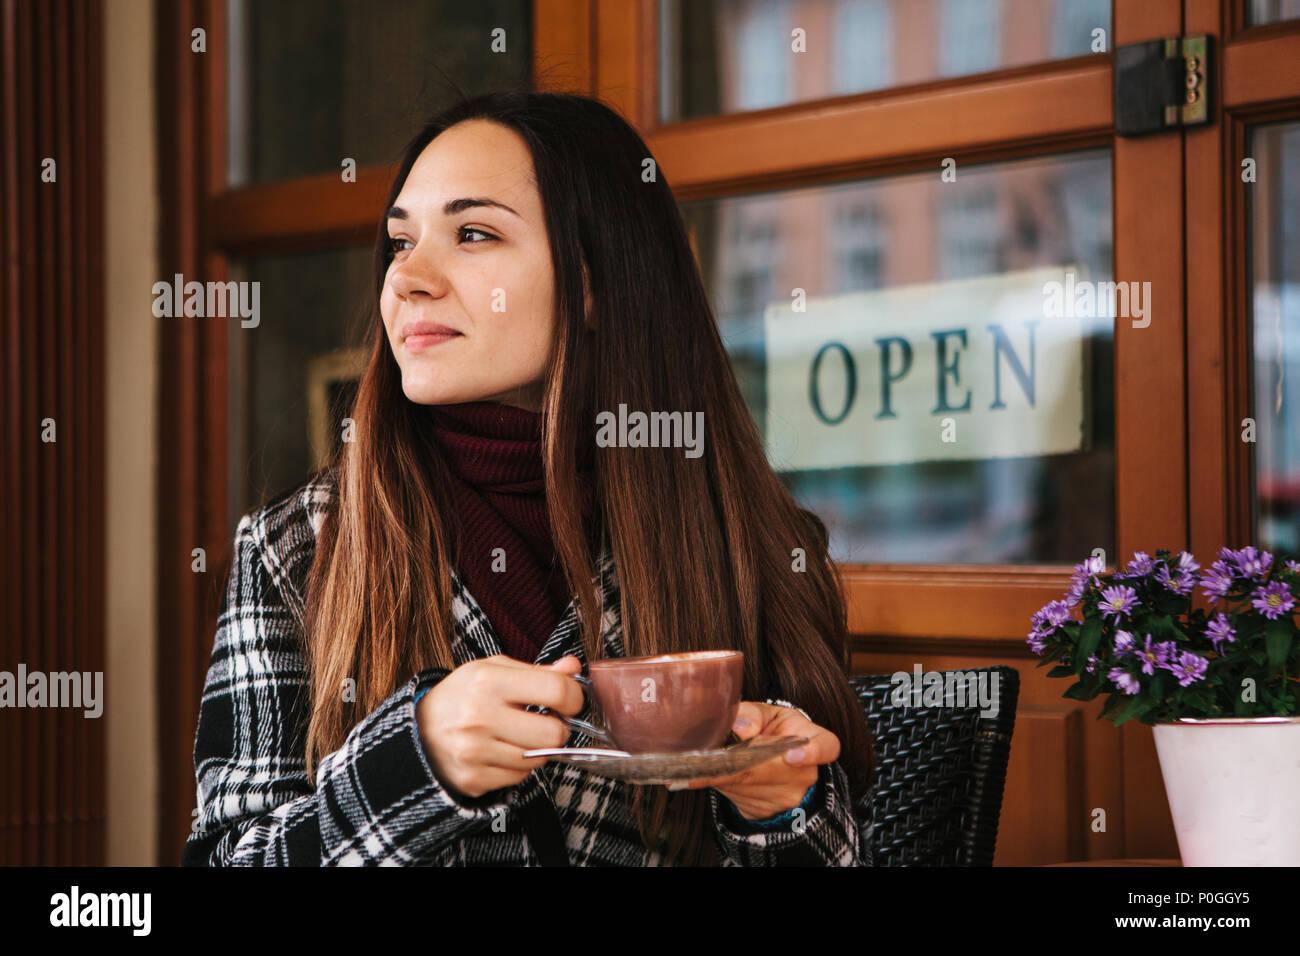 Belle jeune fille boit du café ou chocolat chaud dans un café de la rue Banque D'Images